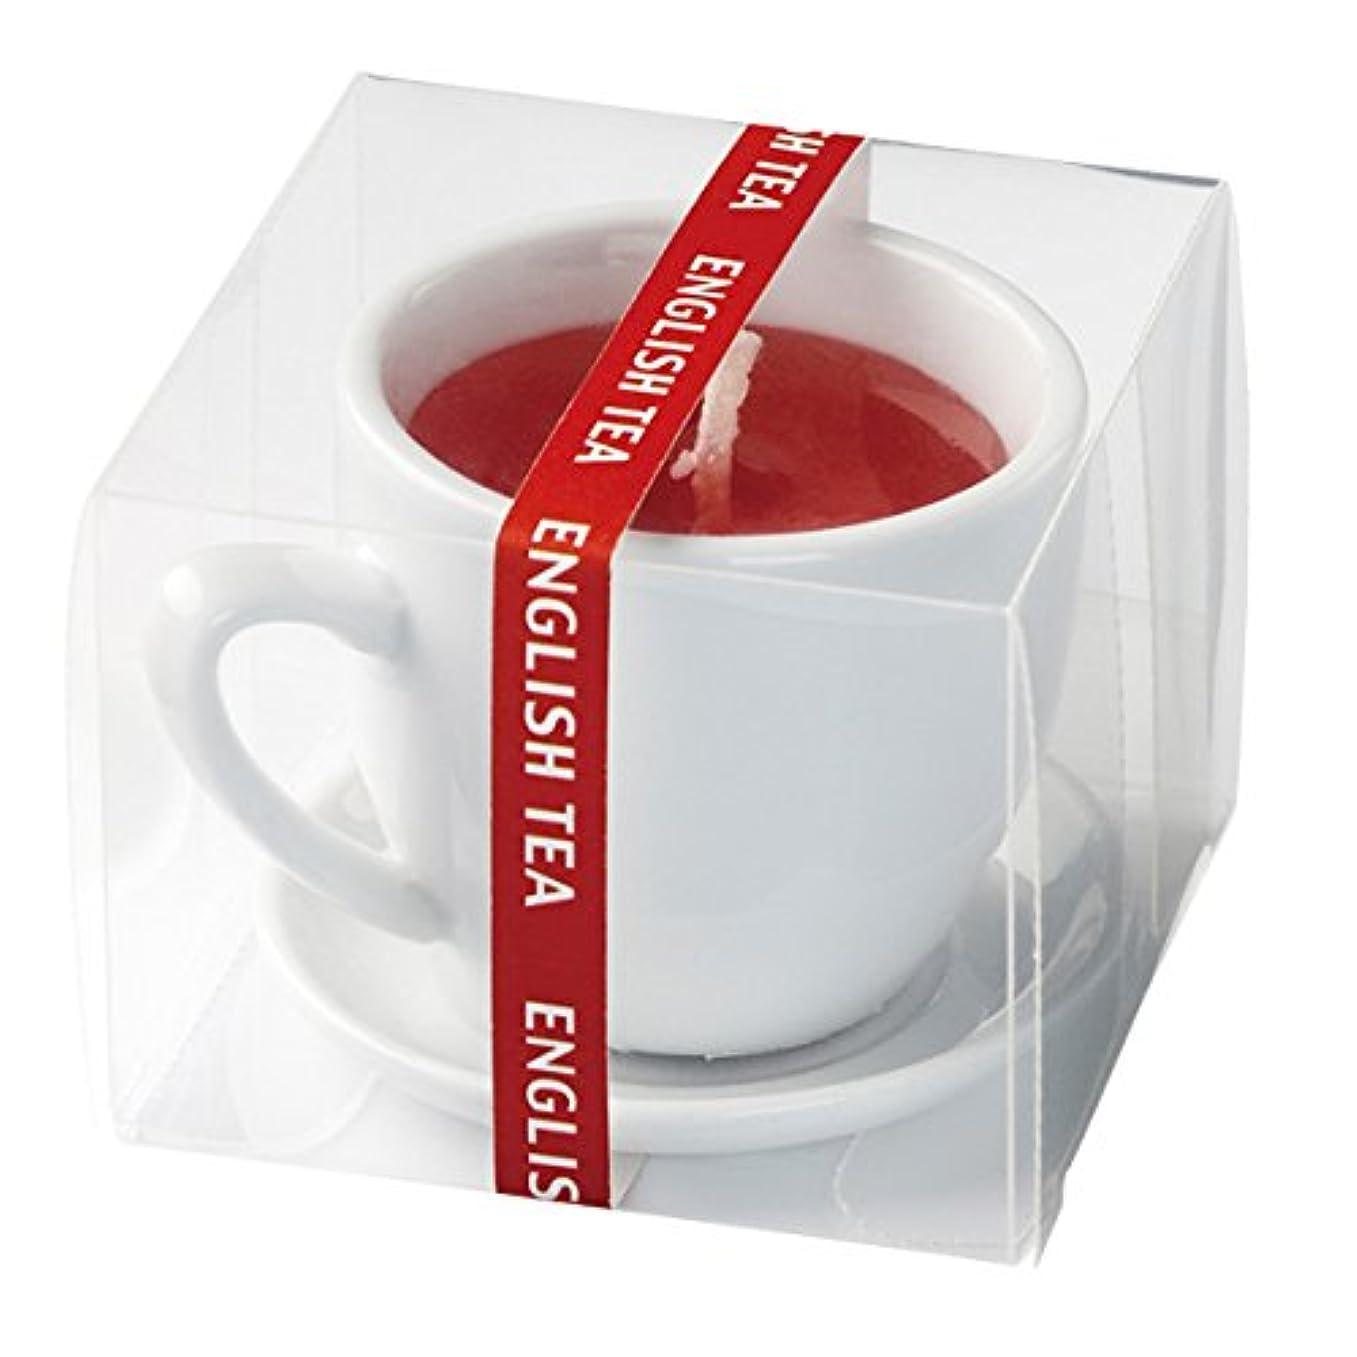 好奇心盛スープ従順紅茶キャンドル